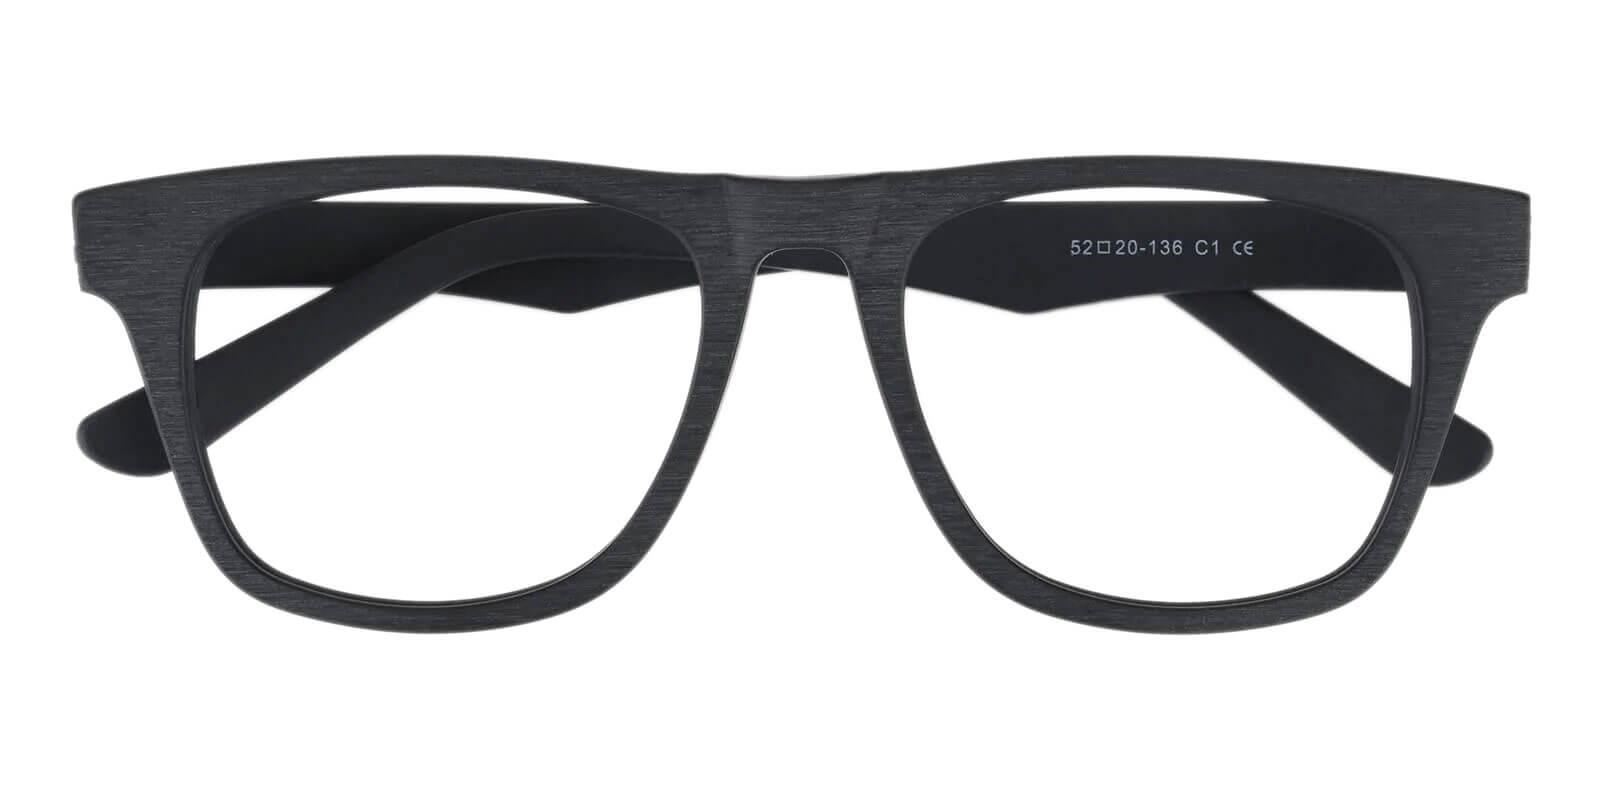 Mood Black TR Eyeglasses , UniversalBridgeFit Frames from ABBE Glasses